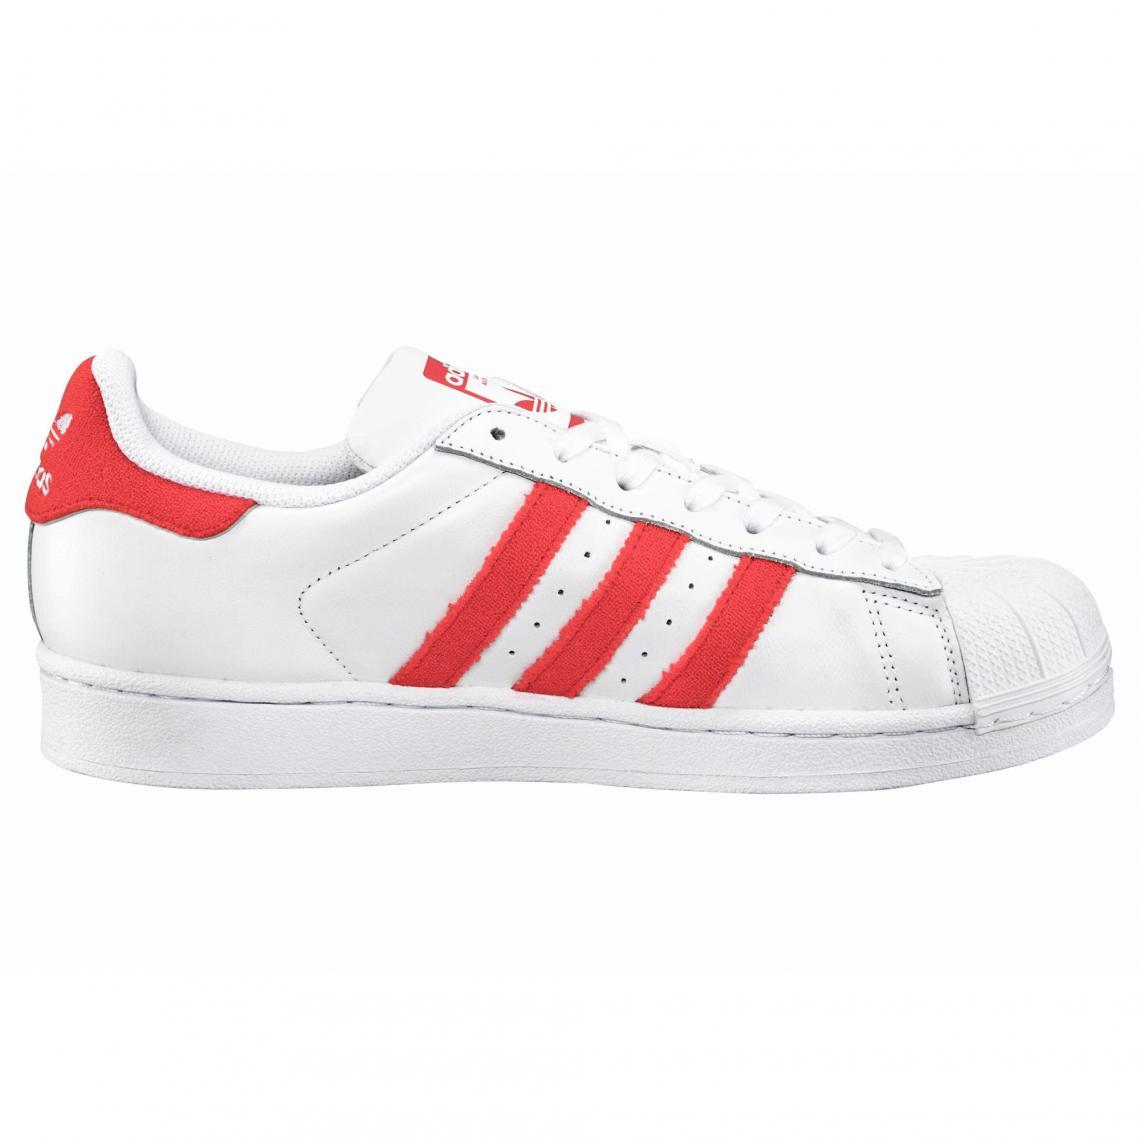 83aa8e0fa00db Baskets Adidas Originals Cliquez l image pour l agrandir. Tennis adidas  Originals Superstar East River pour homme Adidas Originals